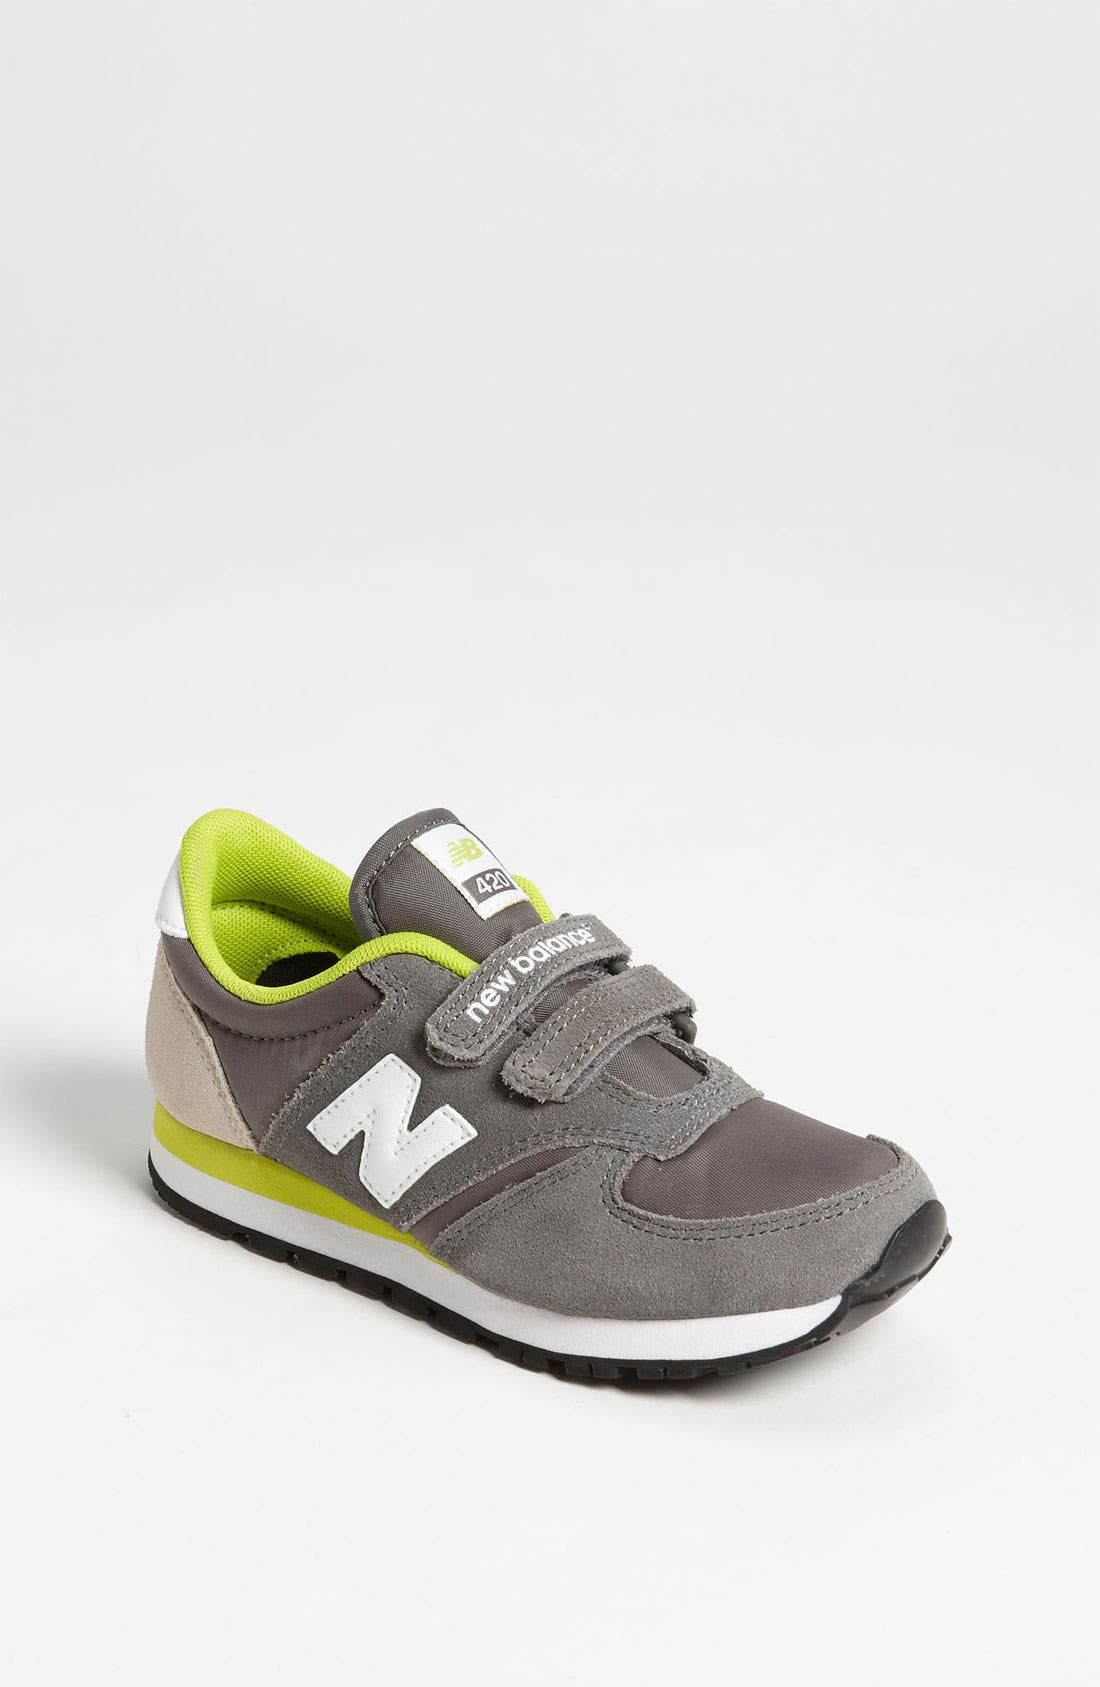 Main Image - New Balance '420 Take Down' Sneaker (Toddler, Little Kid & Big Kid)